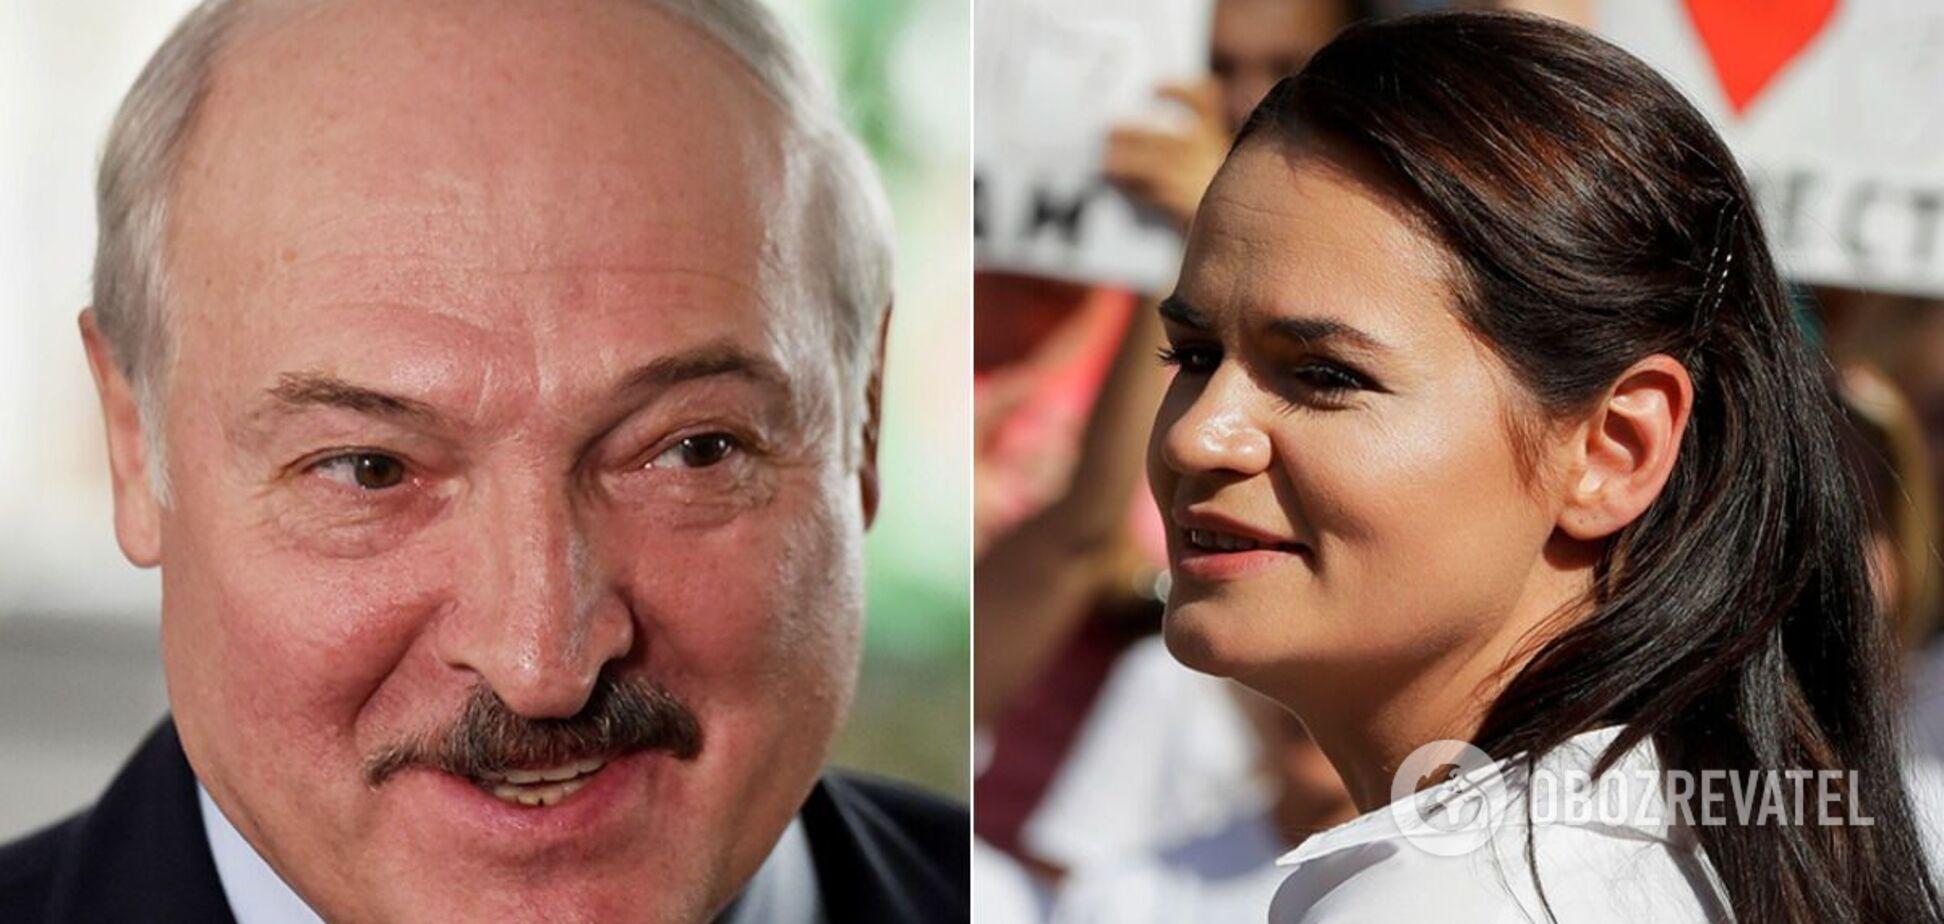 Протесты в Беларуси: без лидера Лукашенко их потопит в крови